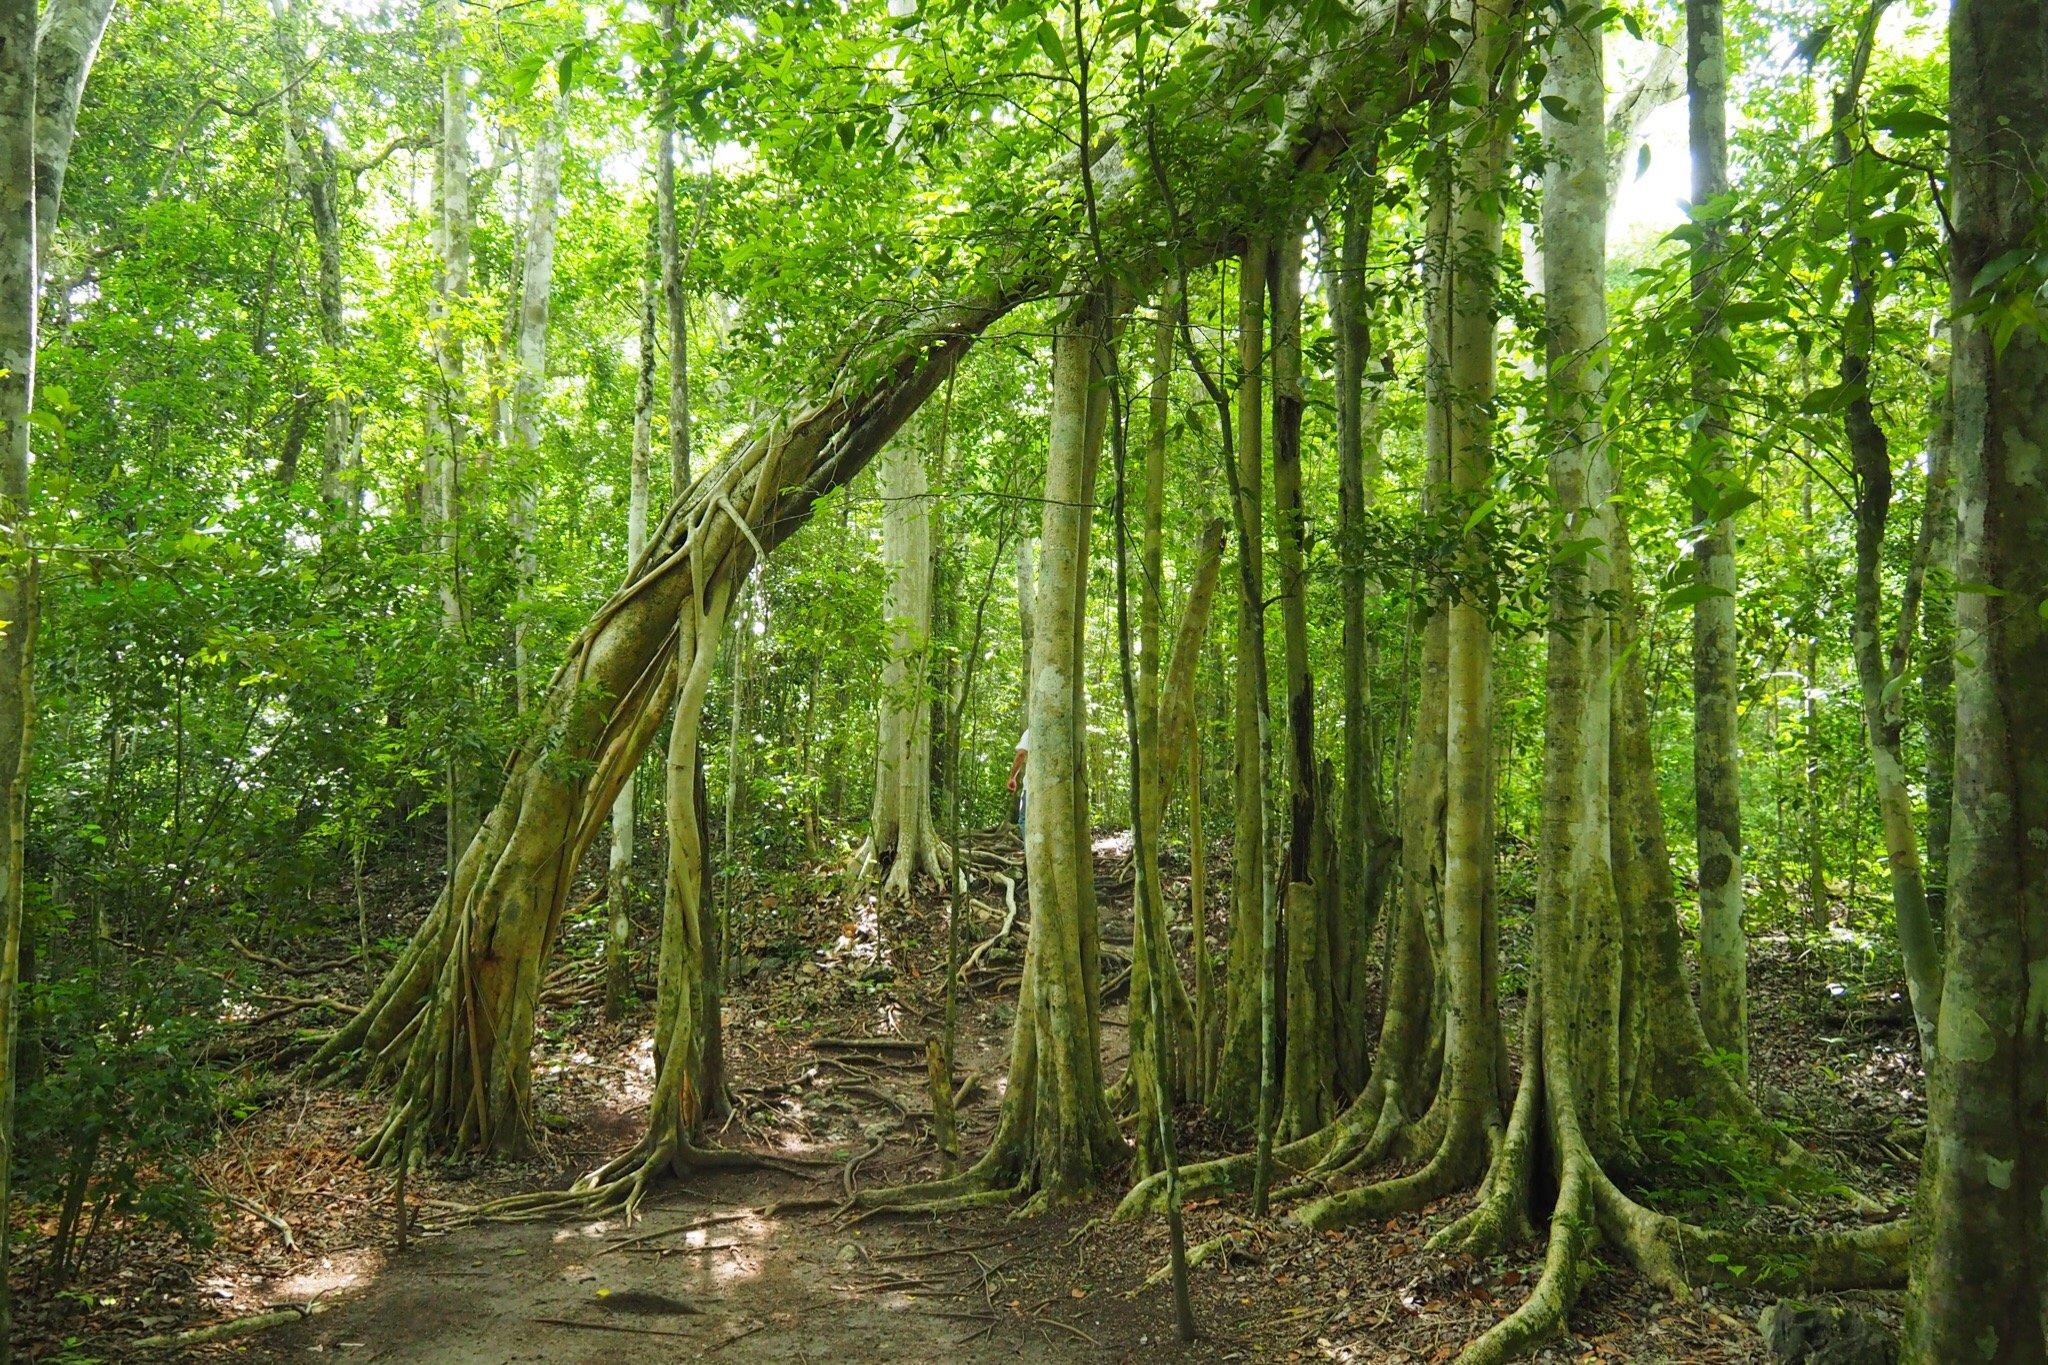 Trees at Petén, Guatemala